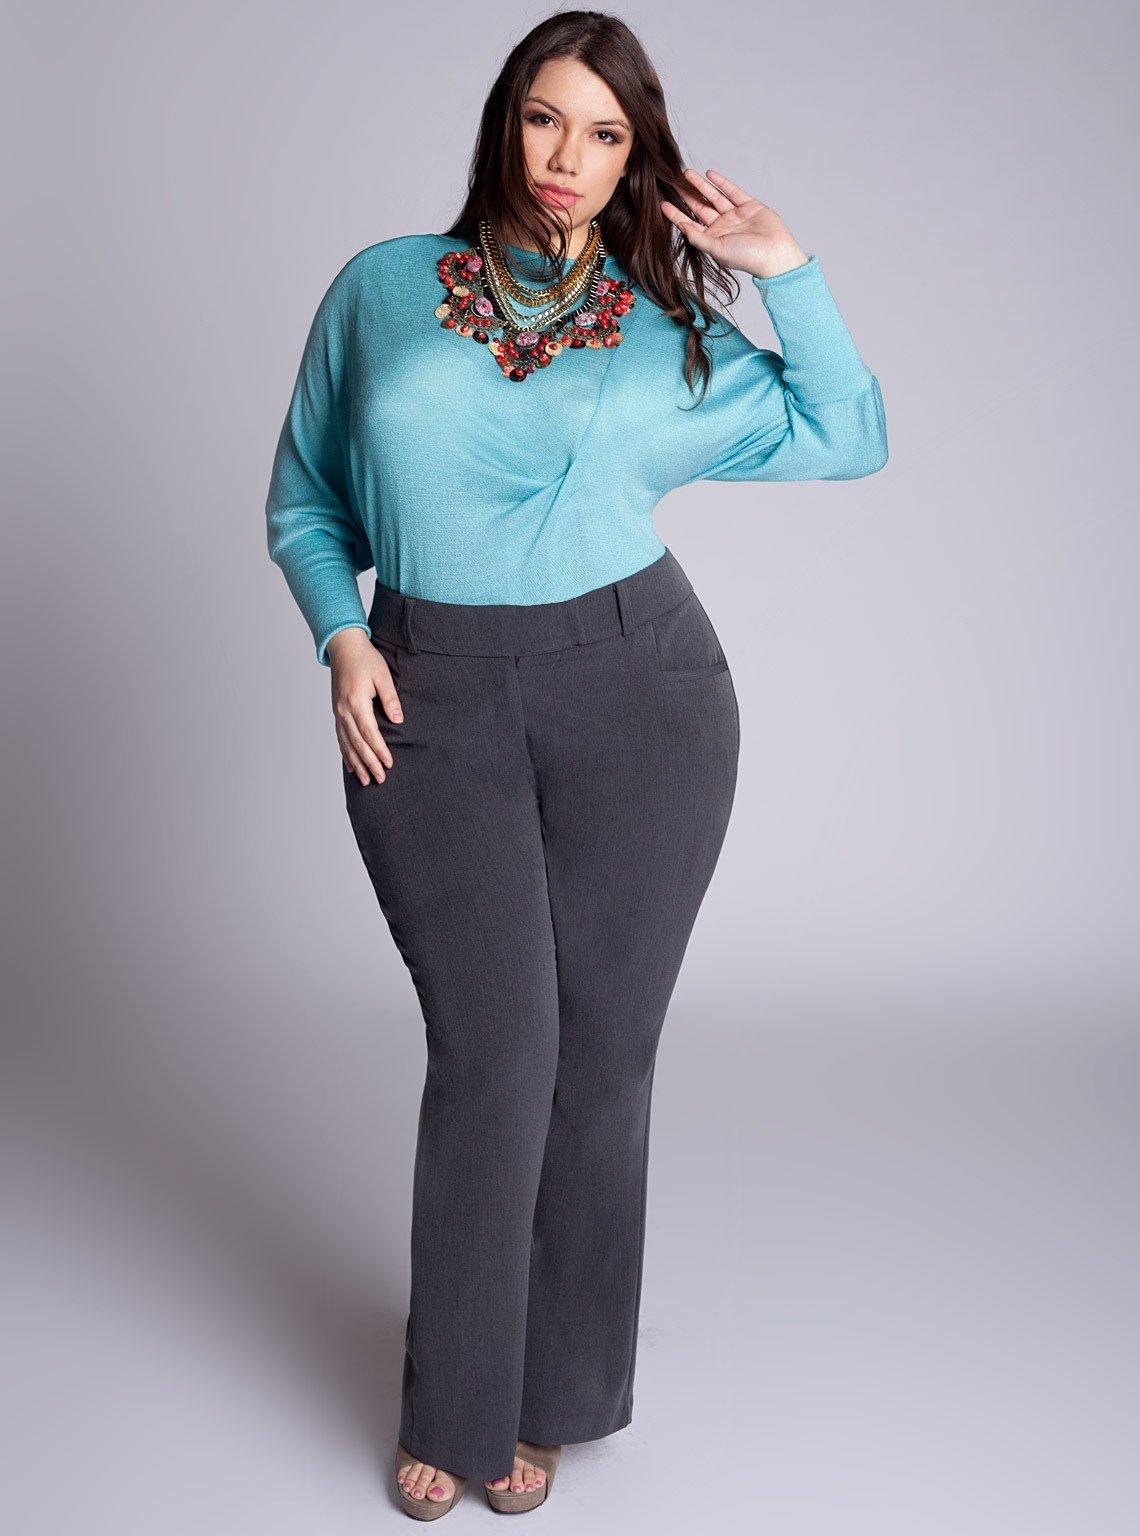 Модные брюки лето 2018 для полных женщин